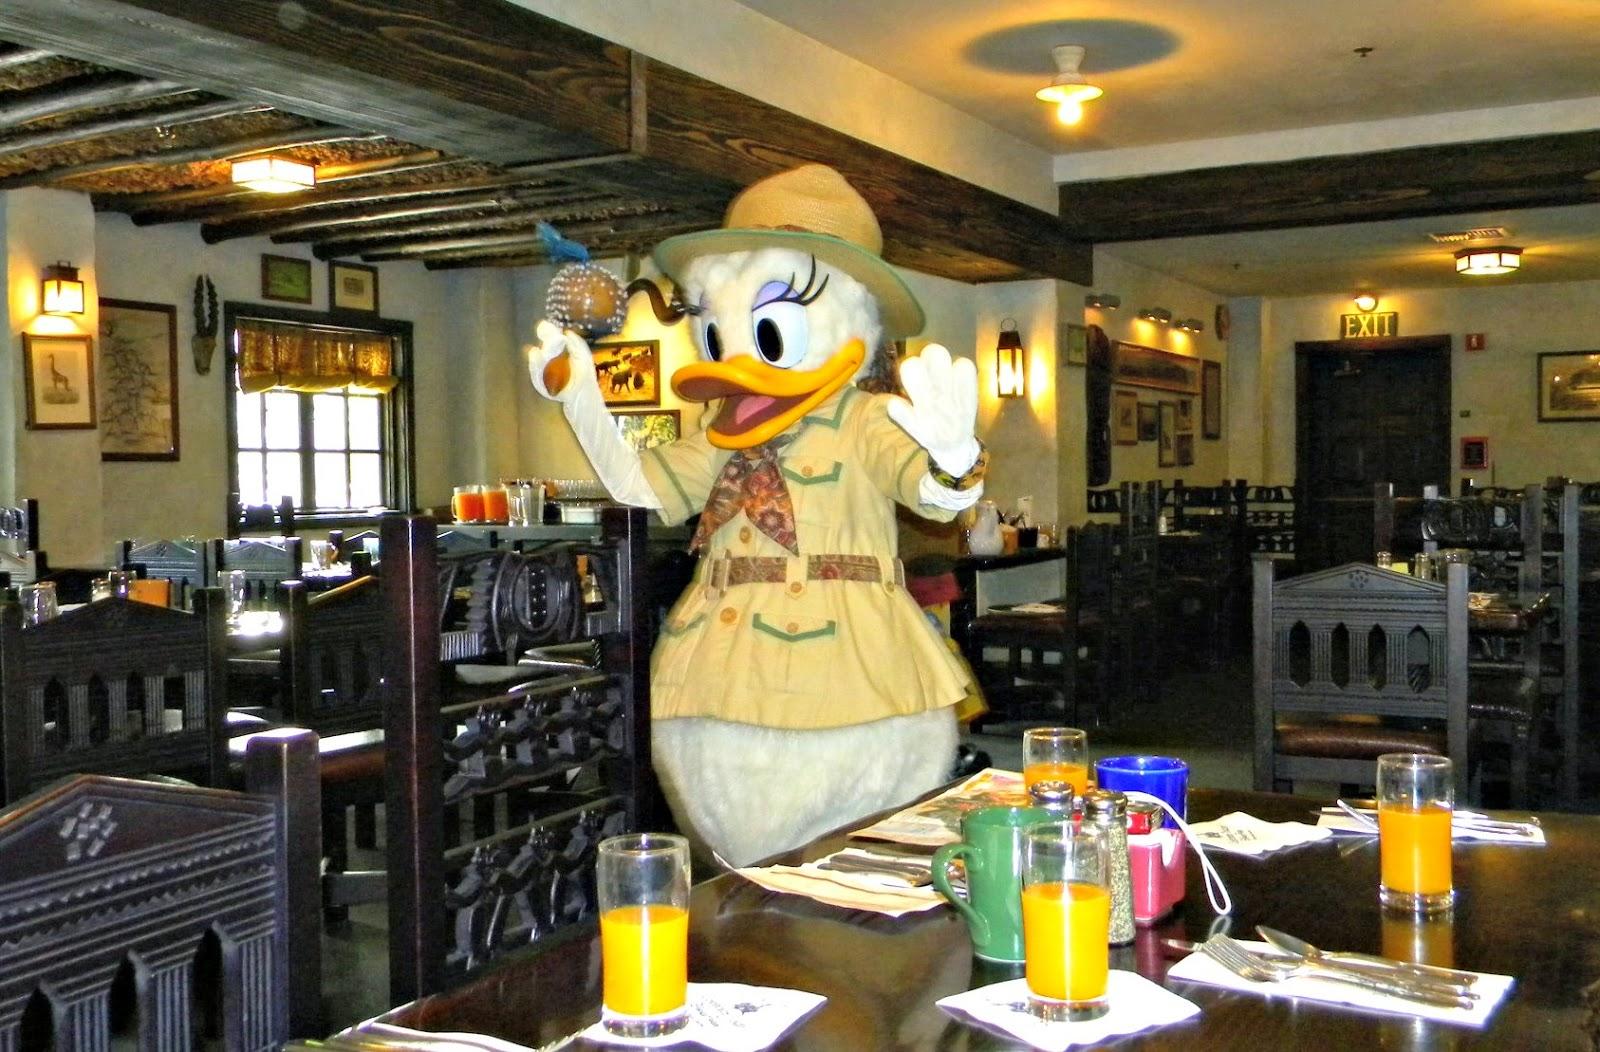 Encontro com os personagens no Restaurante Tusker House na Disney em Orlando